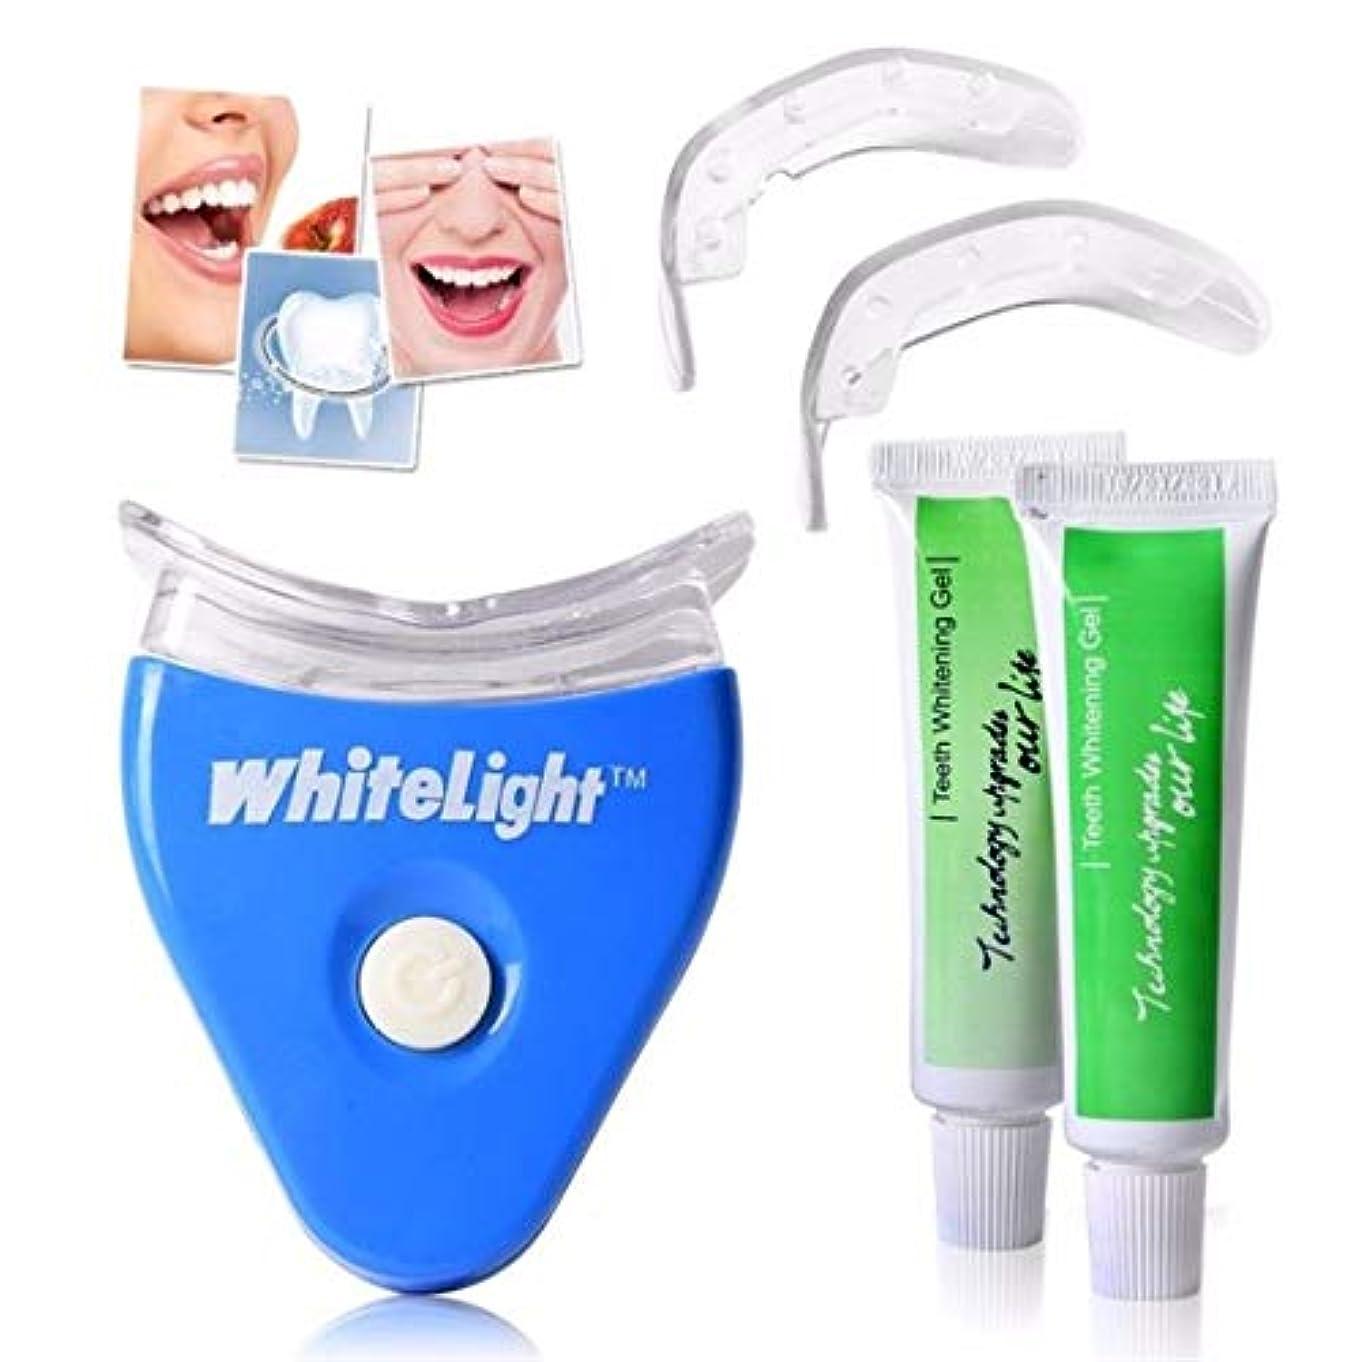 タイマー水差しガラガラ歯ホワイトニング器 歯 美白 美歯 口腔 ケア ゲル 歯美白器 美歯器 口腔ゲルキット  人気 口腔洗浄ツール 口腔衛生 ライト付き 歯を白くする